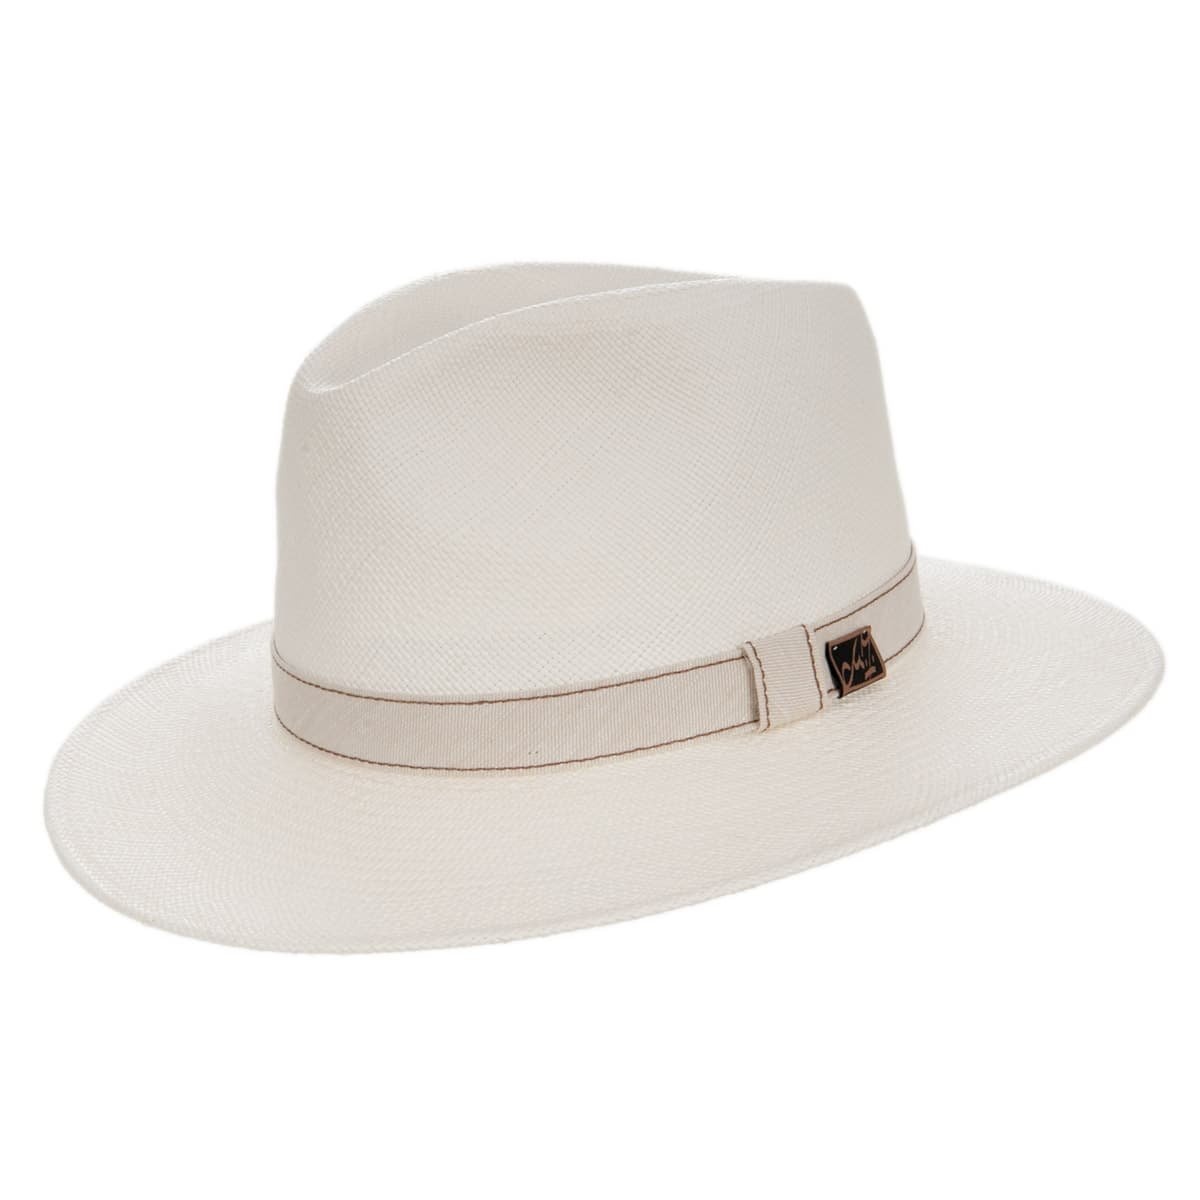 valore eccezionale prezzo migliore ultimo stile del 2019 cappello originale paglia Panama Brooklyn firmato Zechbauer